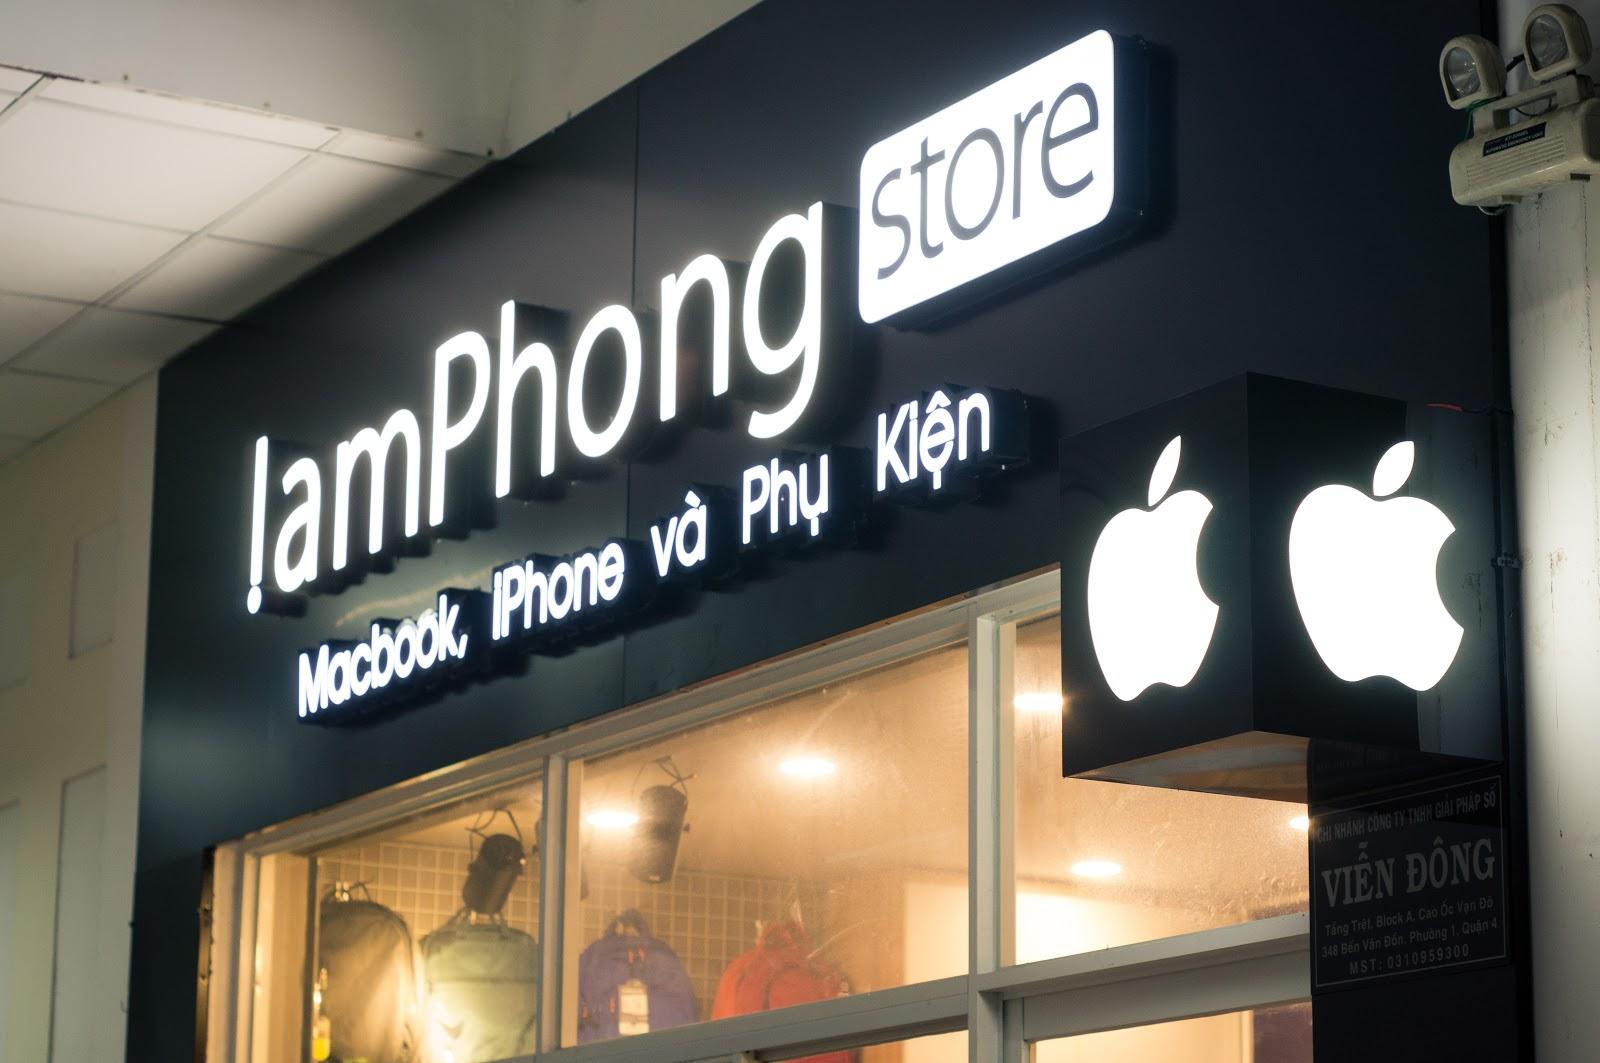 Shop bán Macbook Đà Nẵng uy tín –Lâm Phong Store